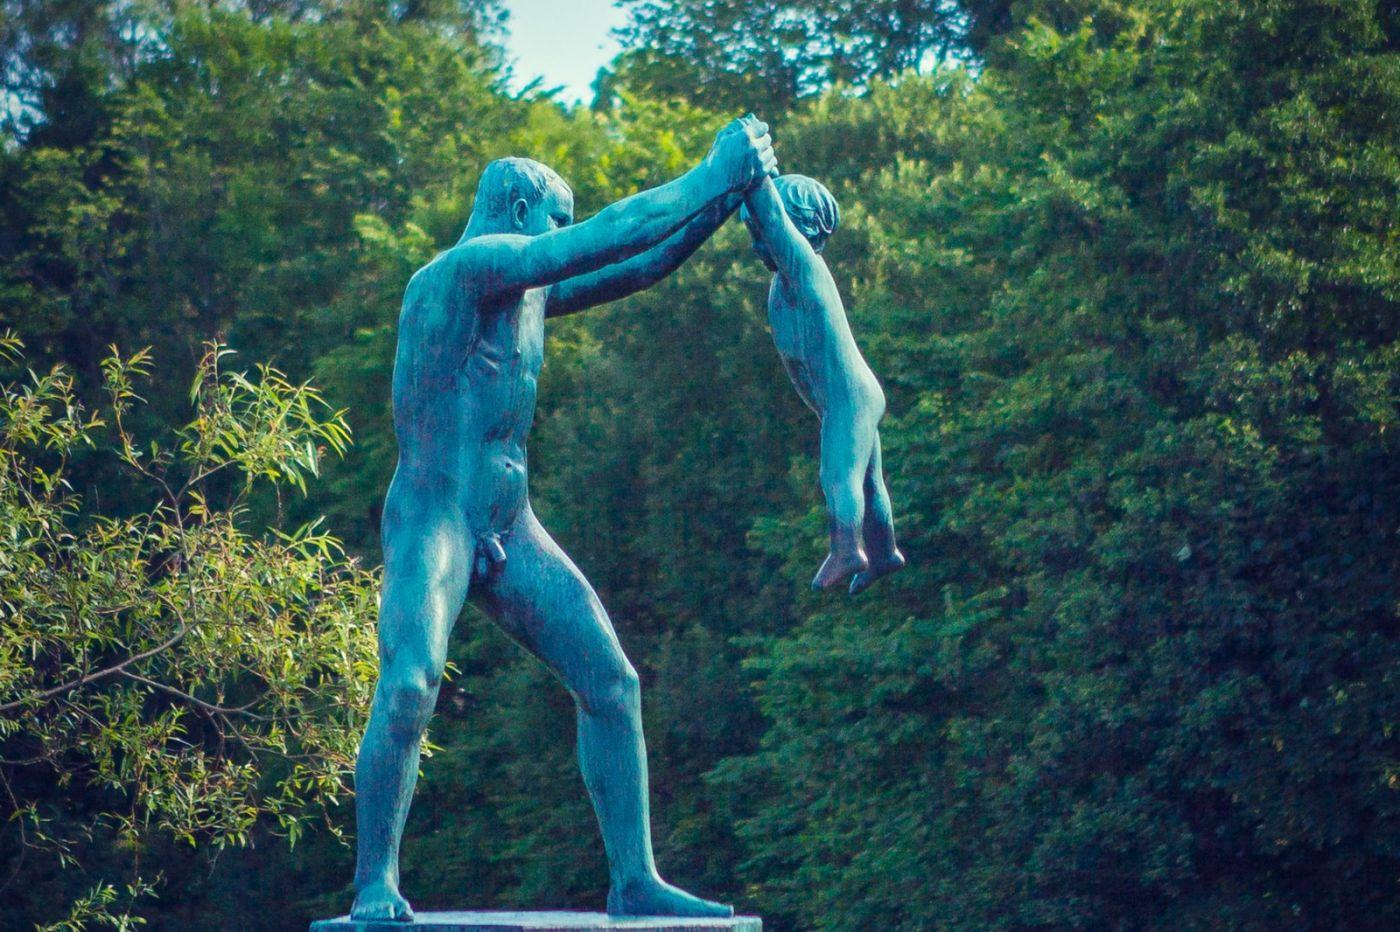 挪威维格兰雕塑公园,风格明显_图1-7